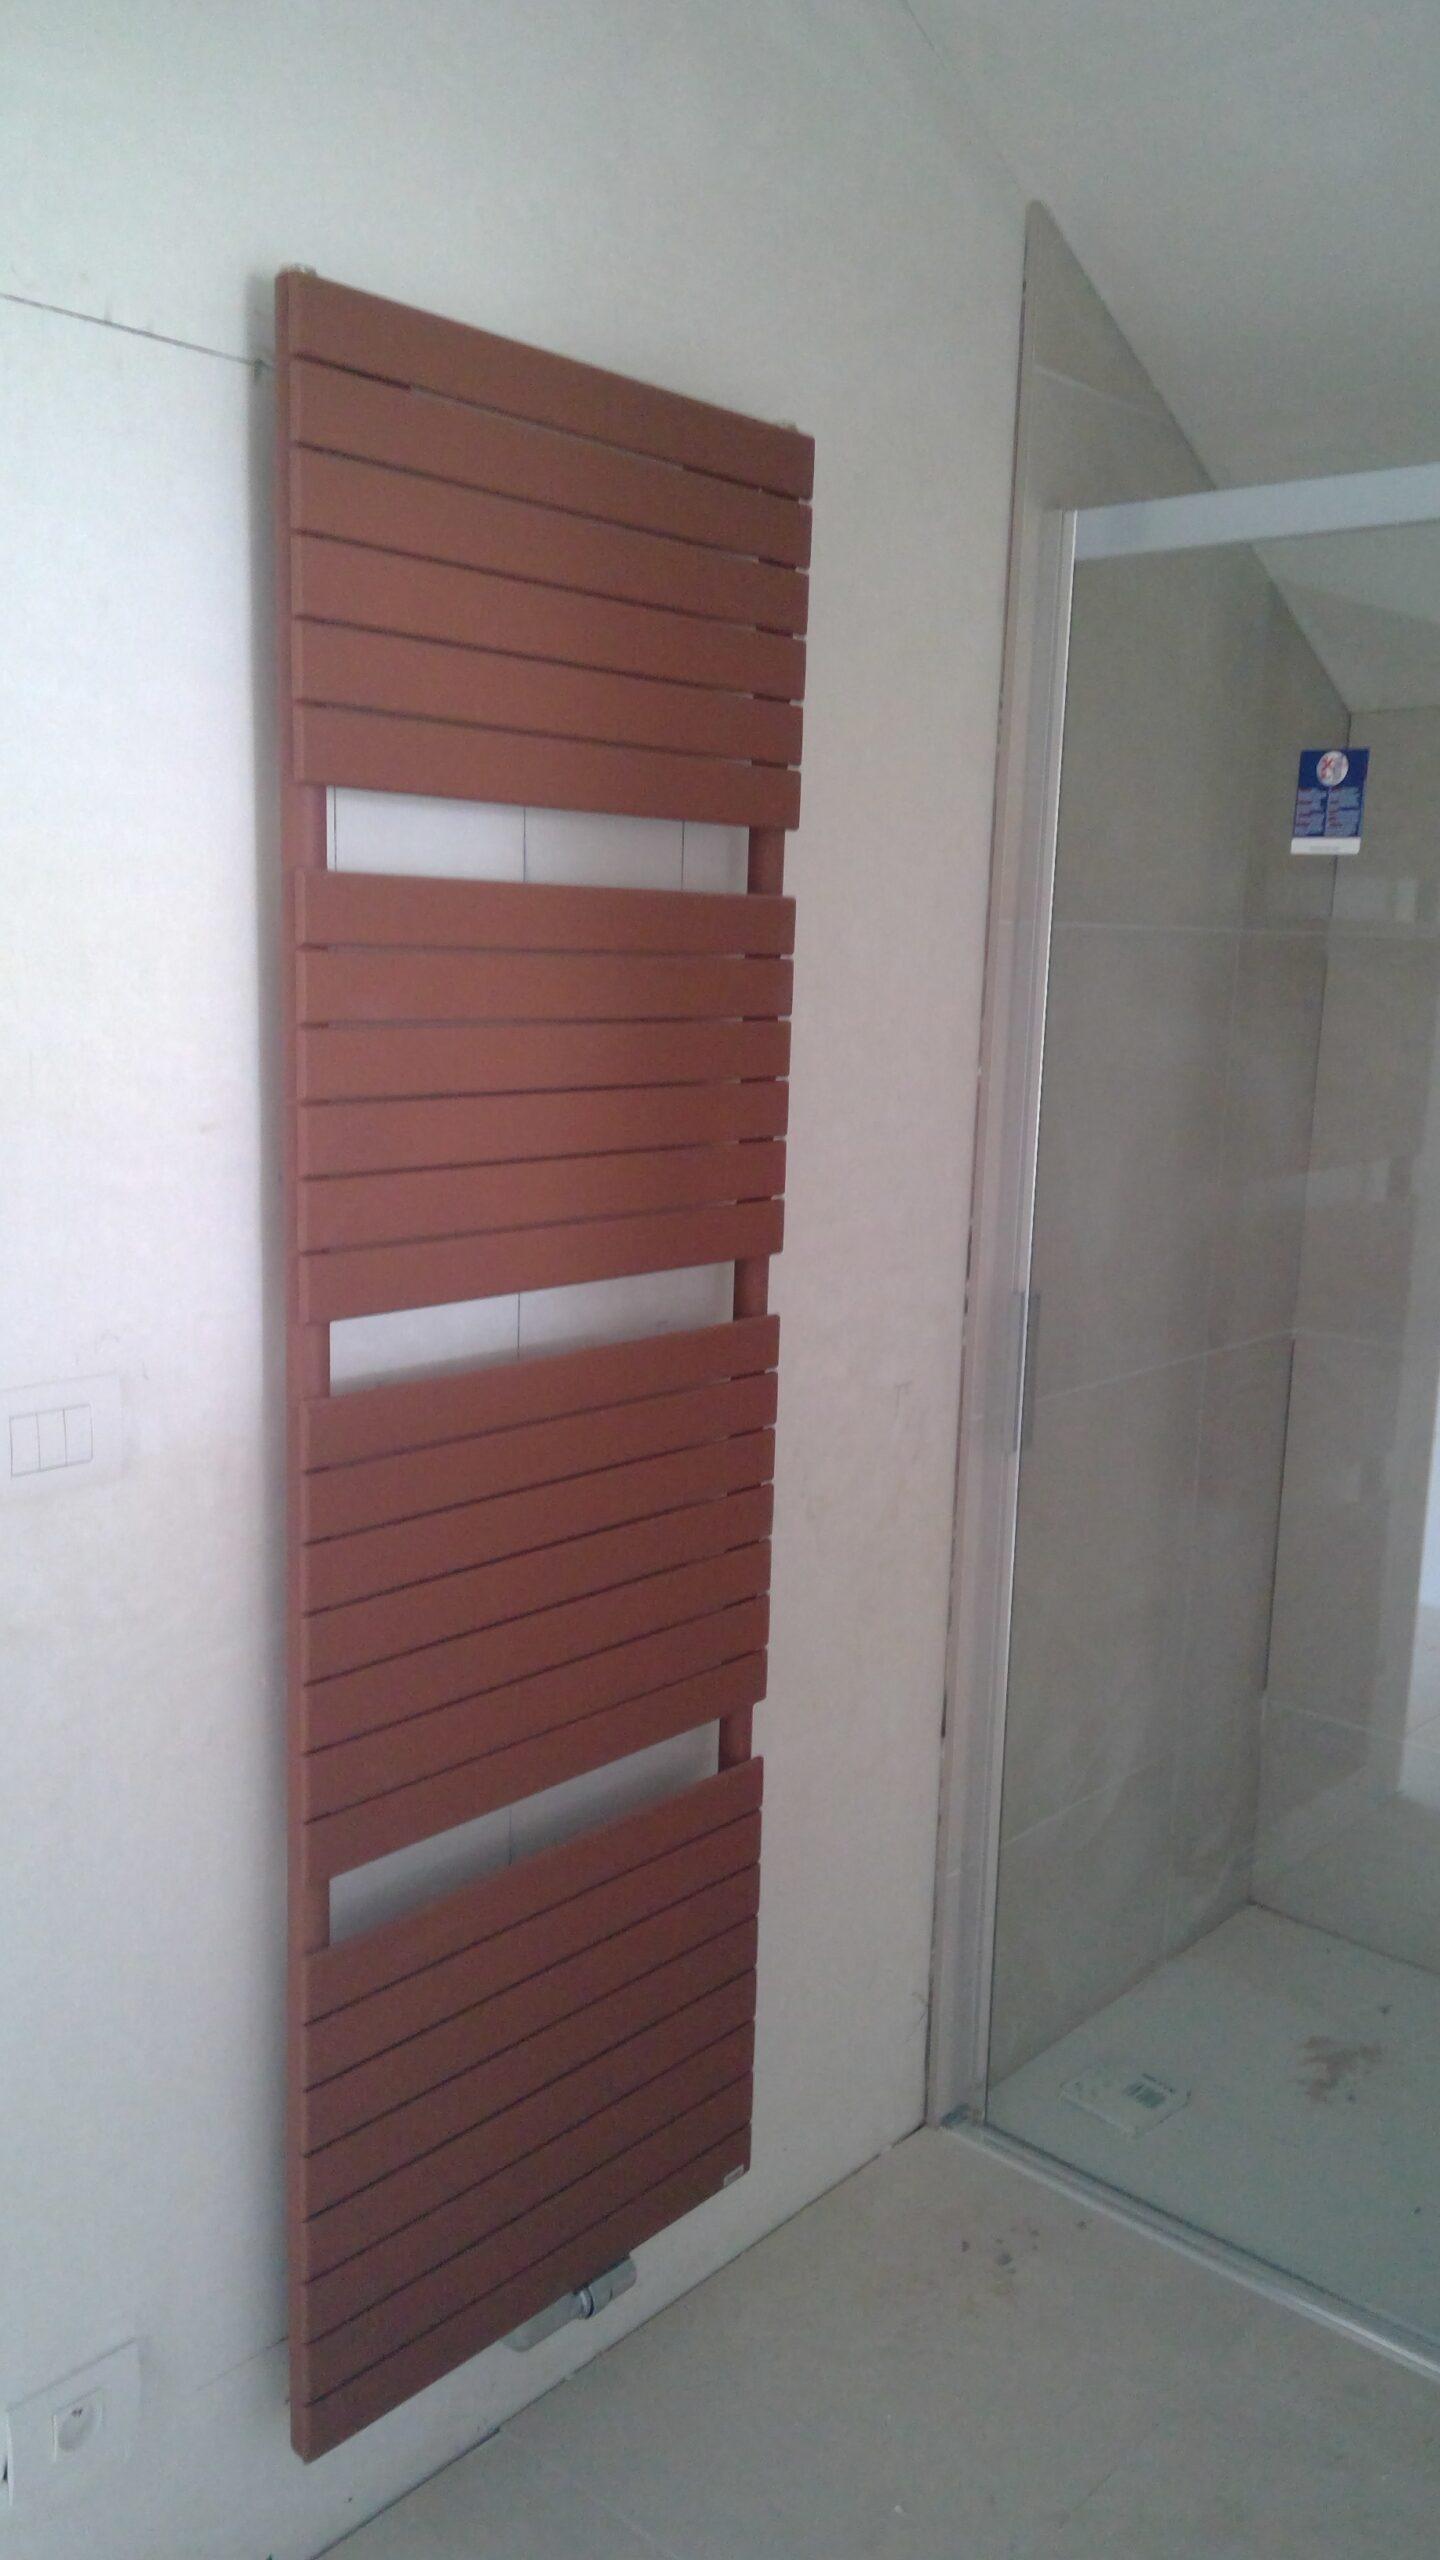 ClimaSan appartementen Gits verwarming 2